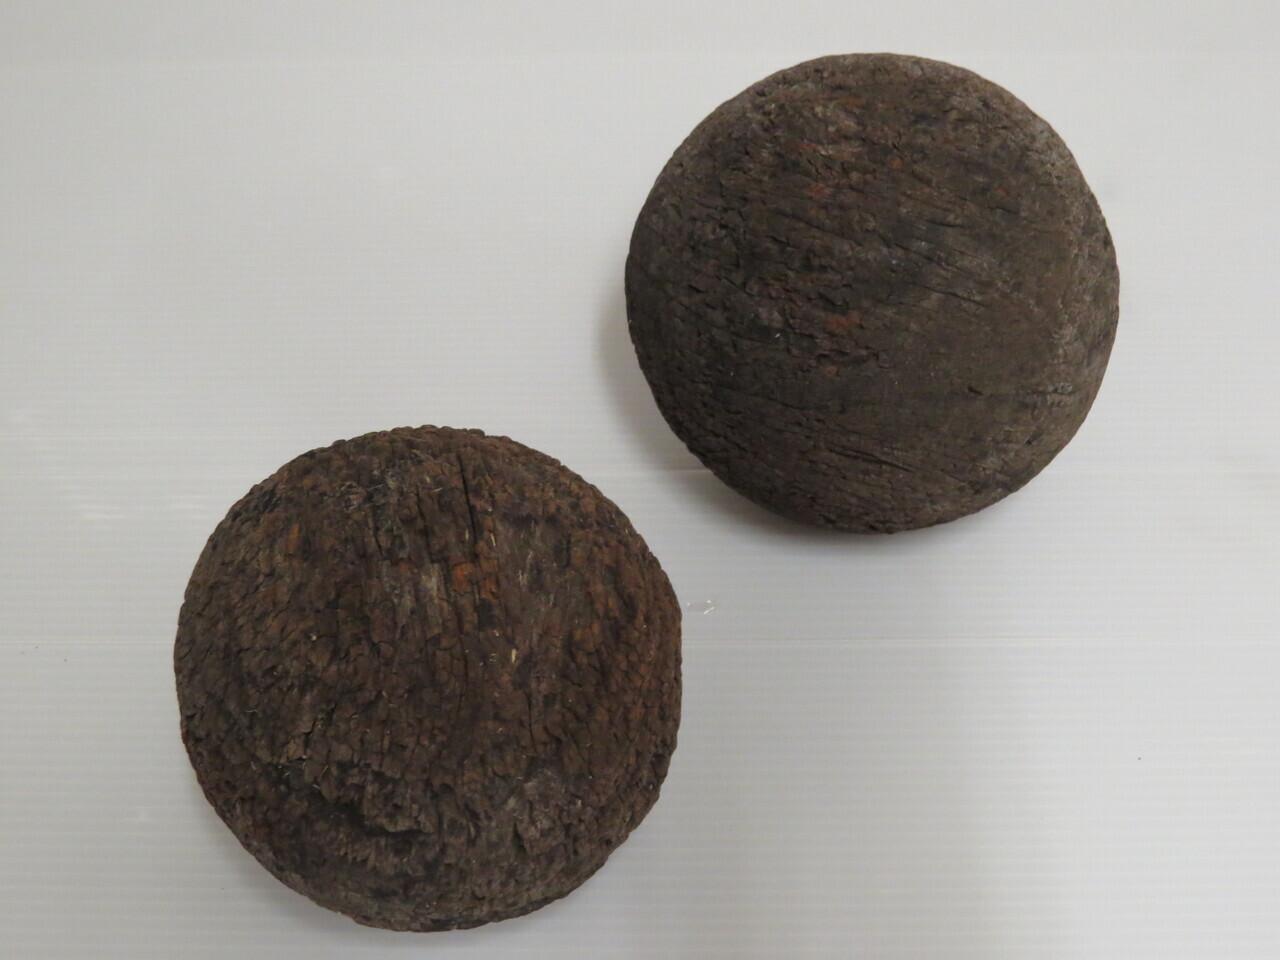 Lote: 92 - Lote: 92 - 2 bochas antiguas de madera